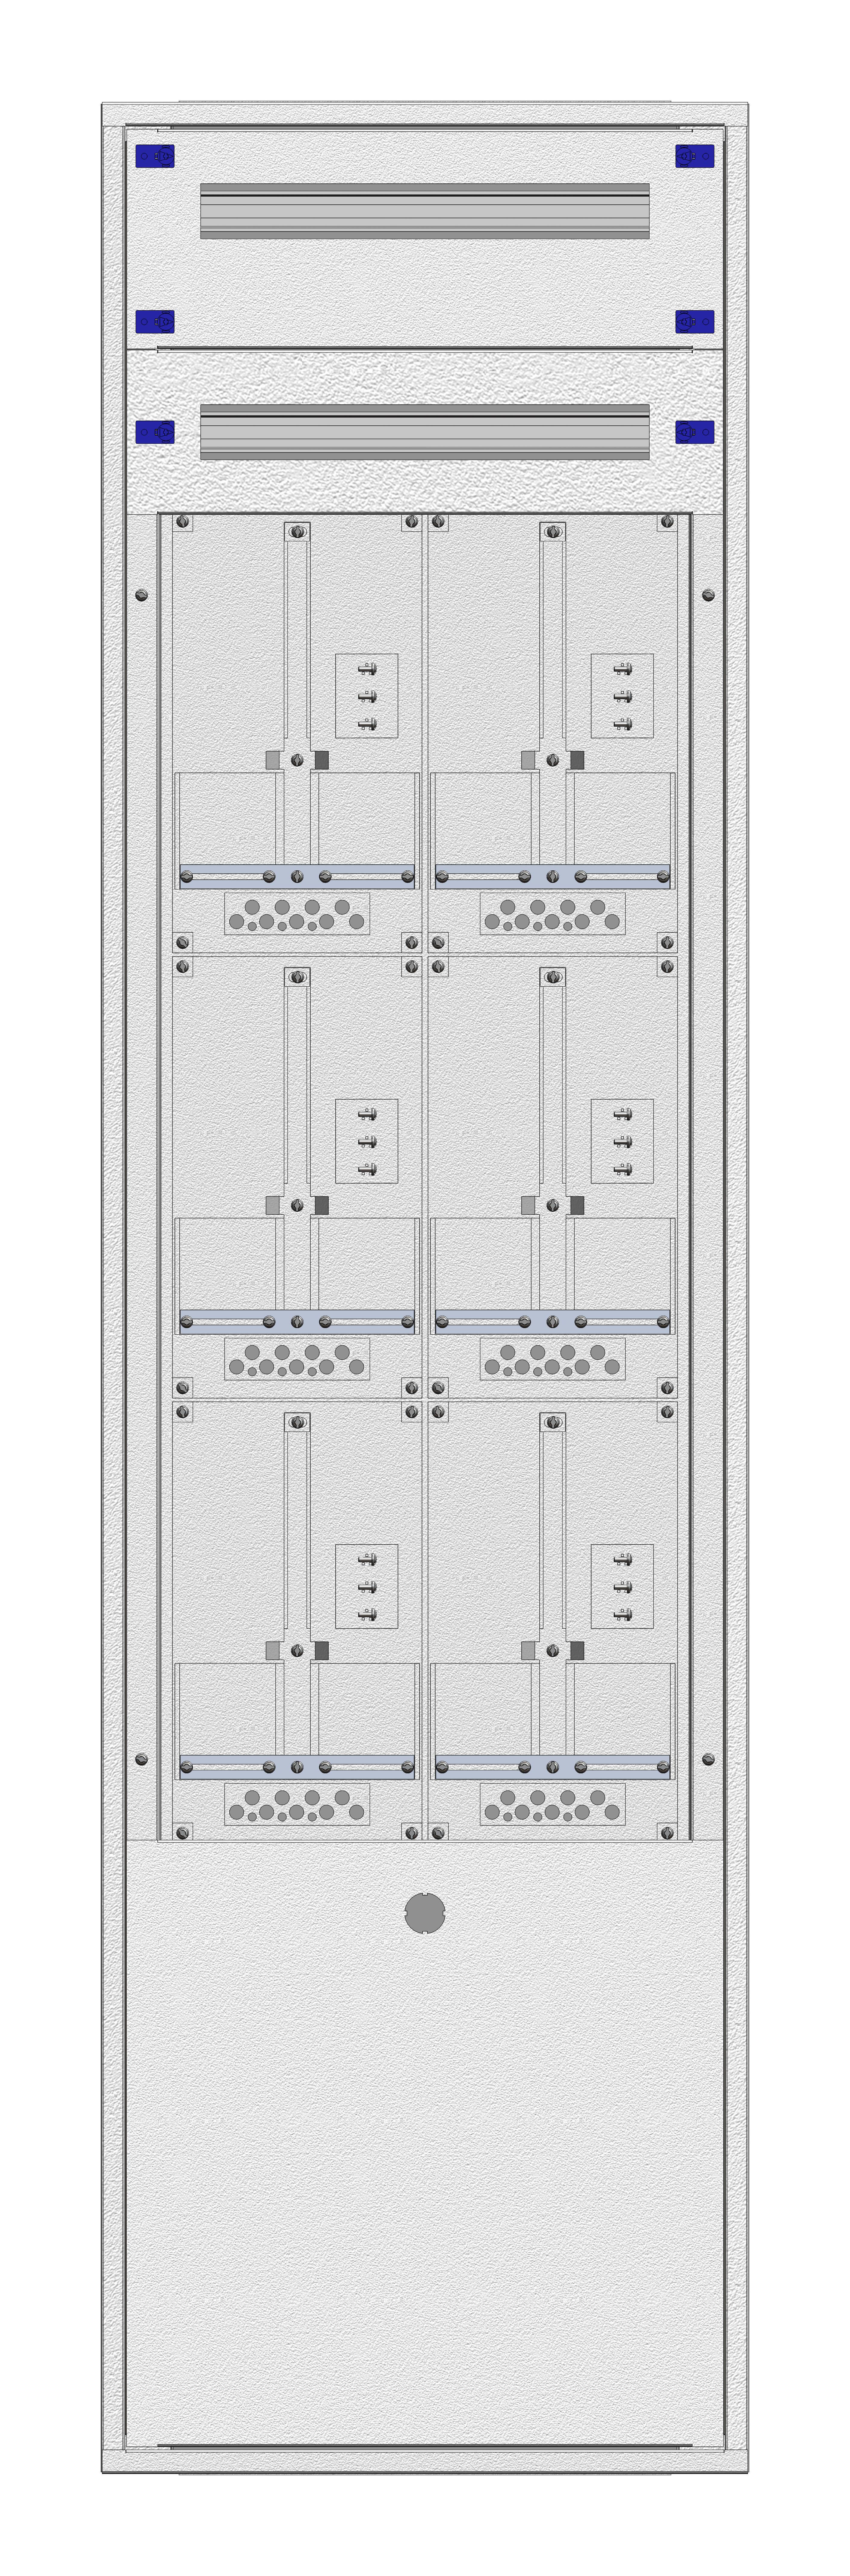 1 Stk Aufputz-Zählerverteiler 2A-42M/NOE 6ZP, H2025B590T250mm IL168242NS